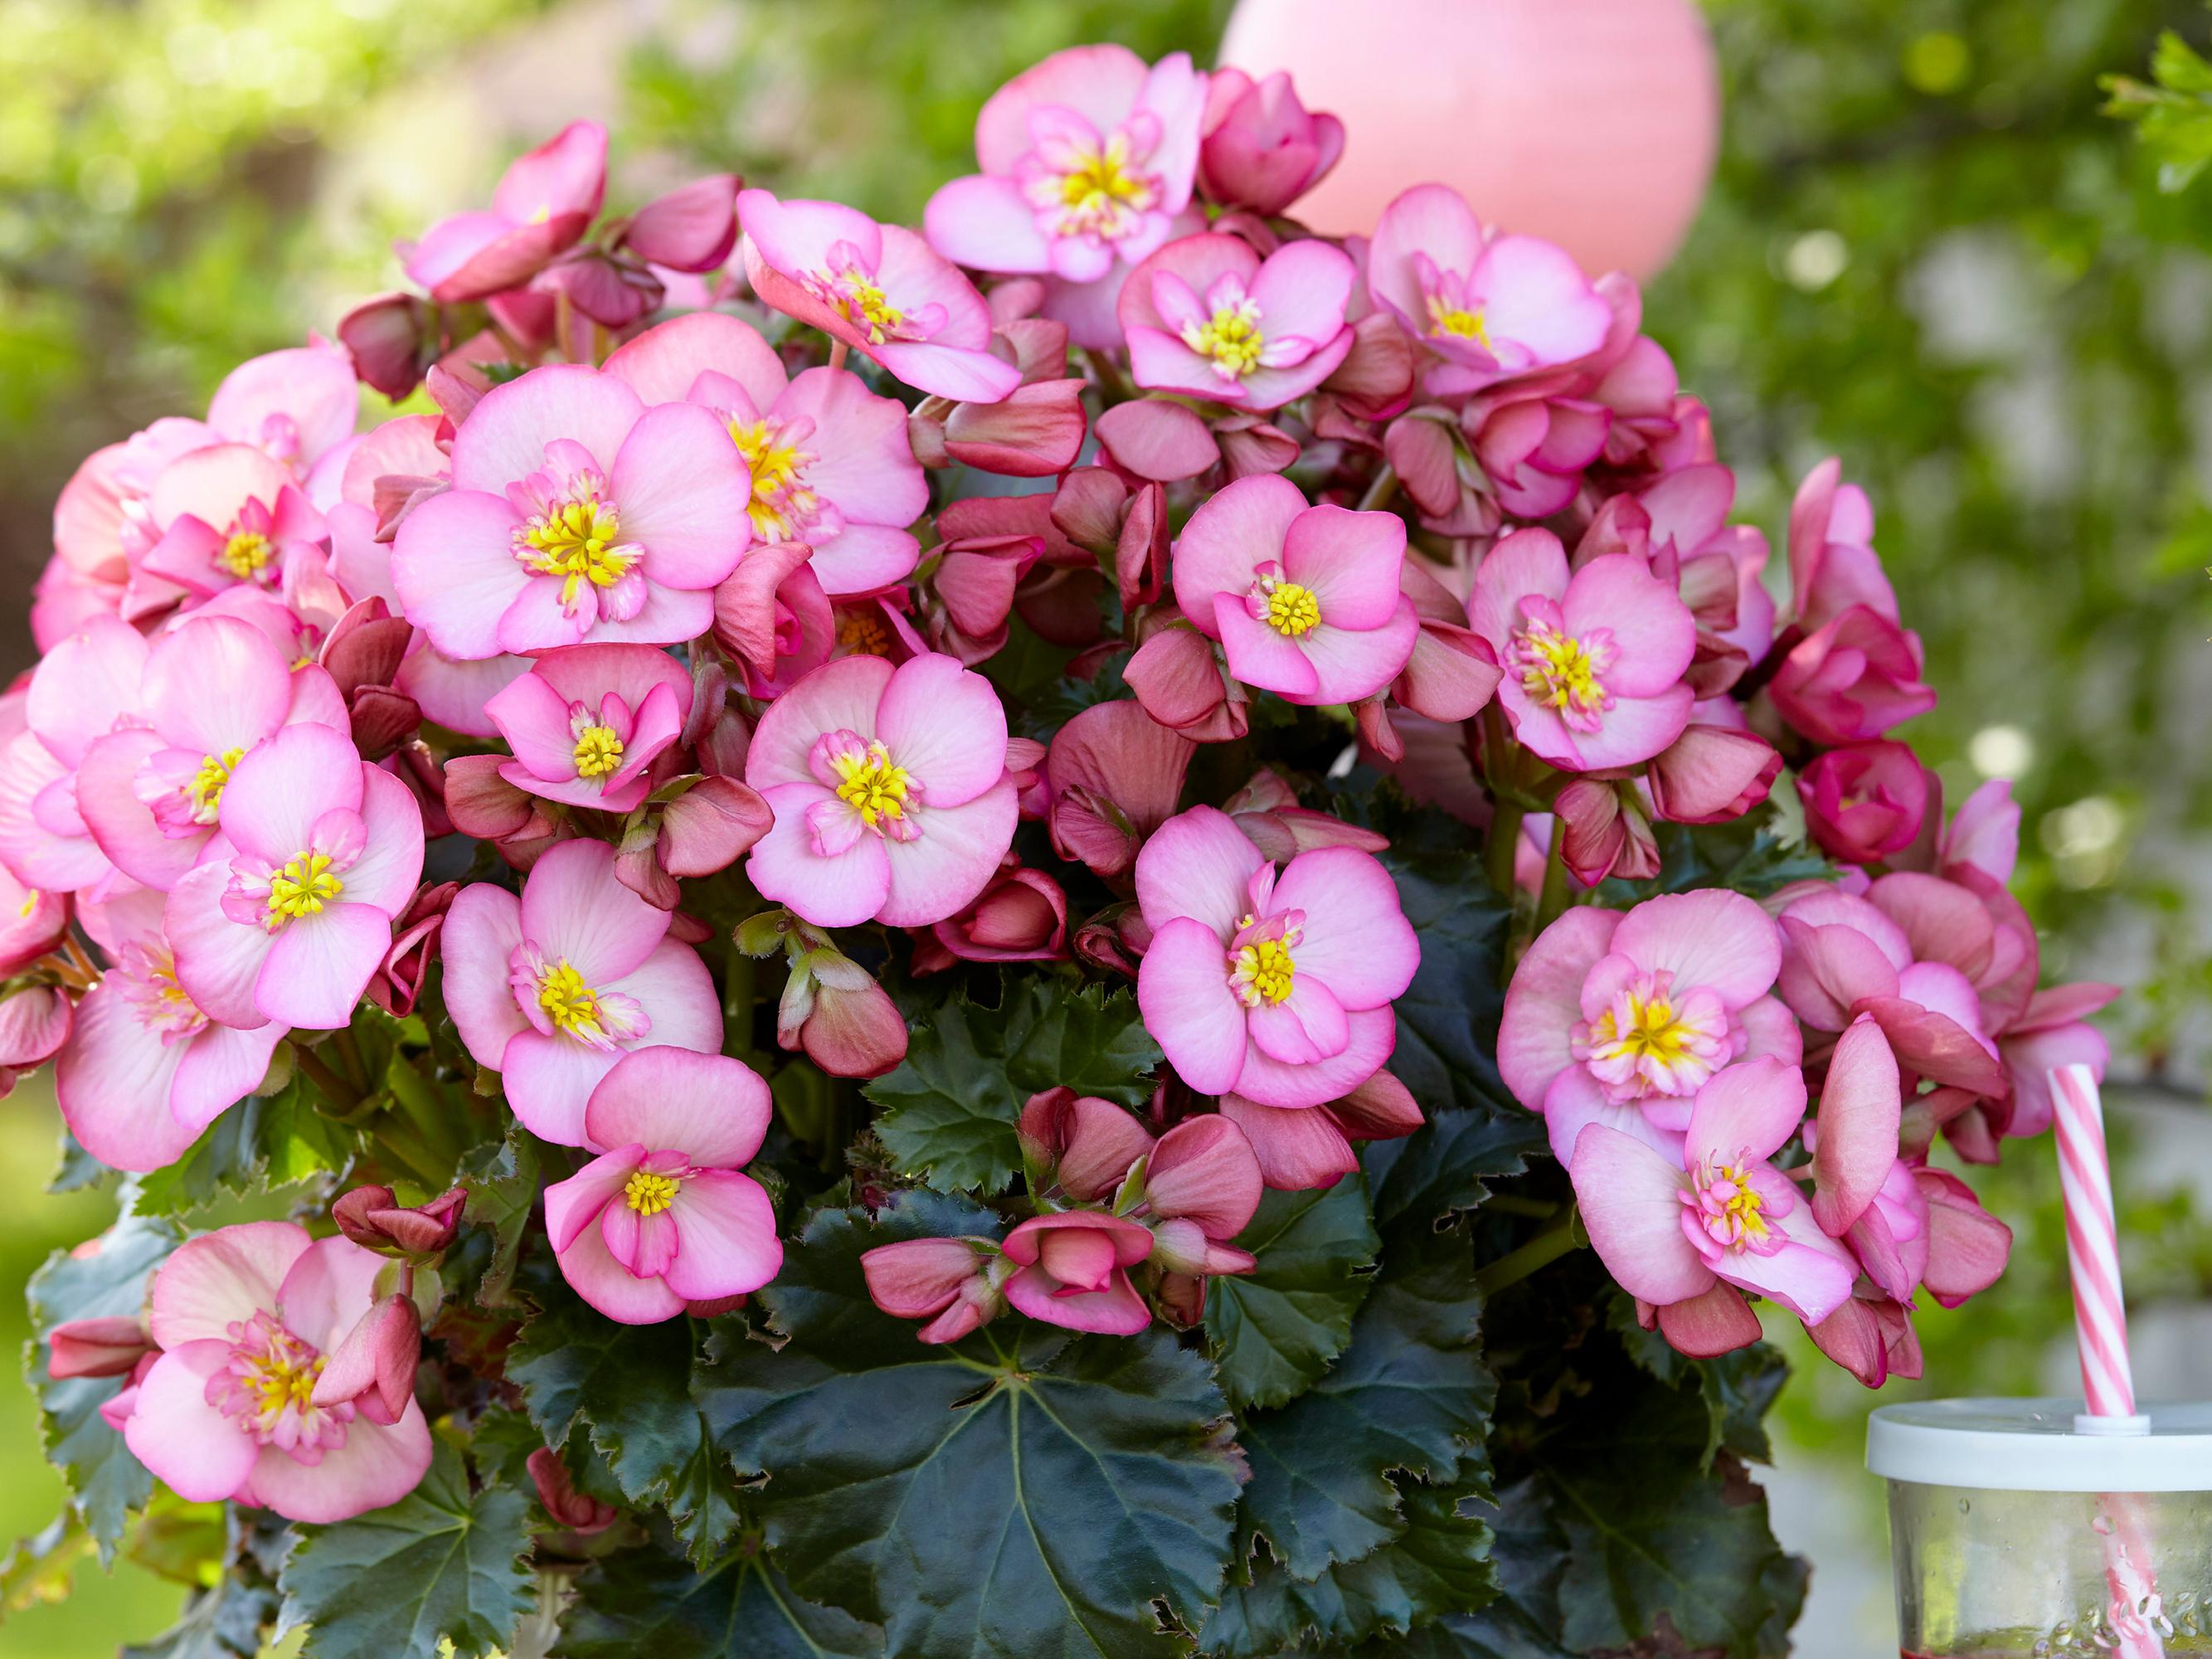 Dreams Garden MacaRose® Wint Noviteitenprijs Tijdens De Flowers Expo Moskou